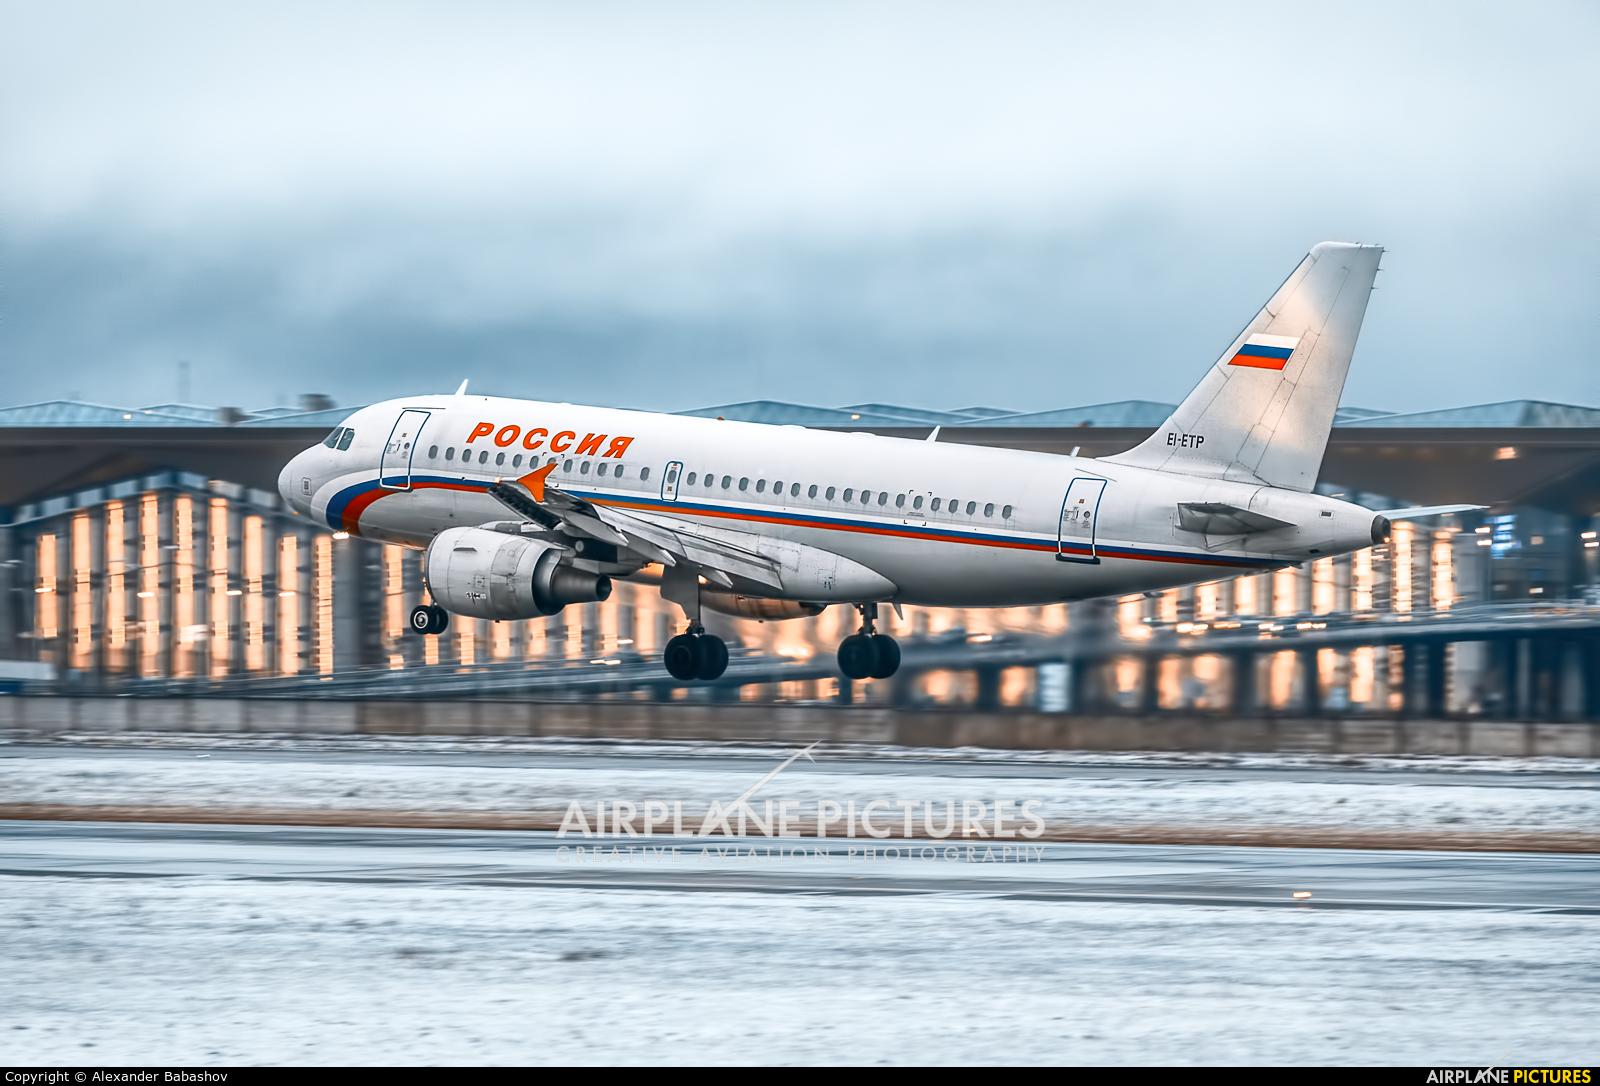 Rossiya Airbus A319 EI-ETP